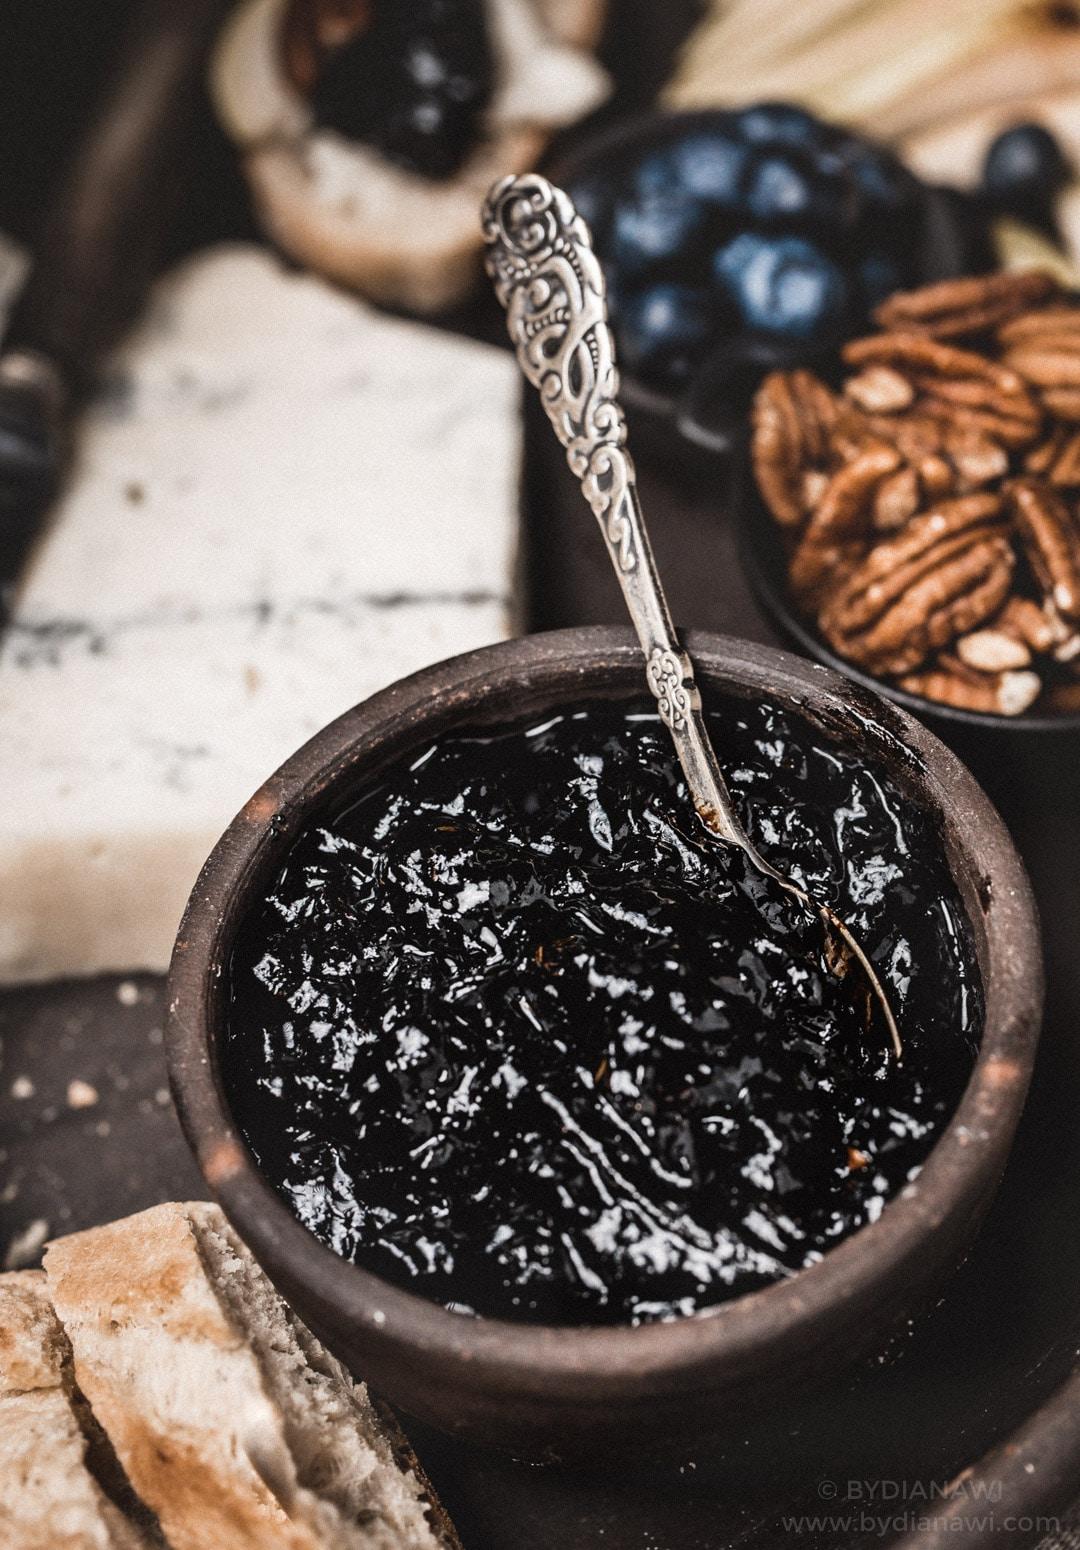 balsamico rødløg, ostebord, tapas tilbehør